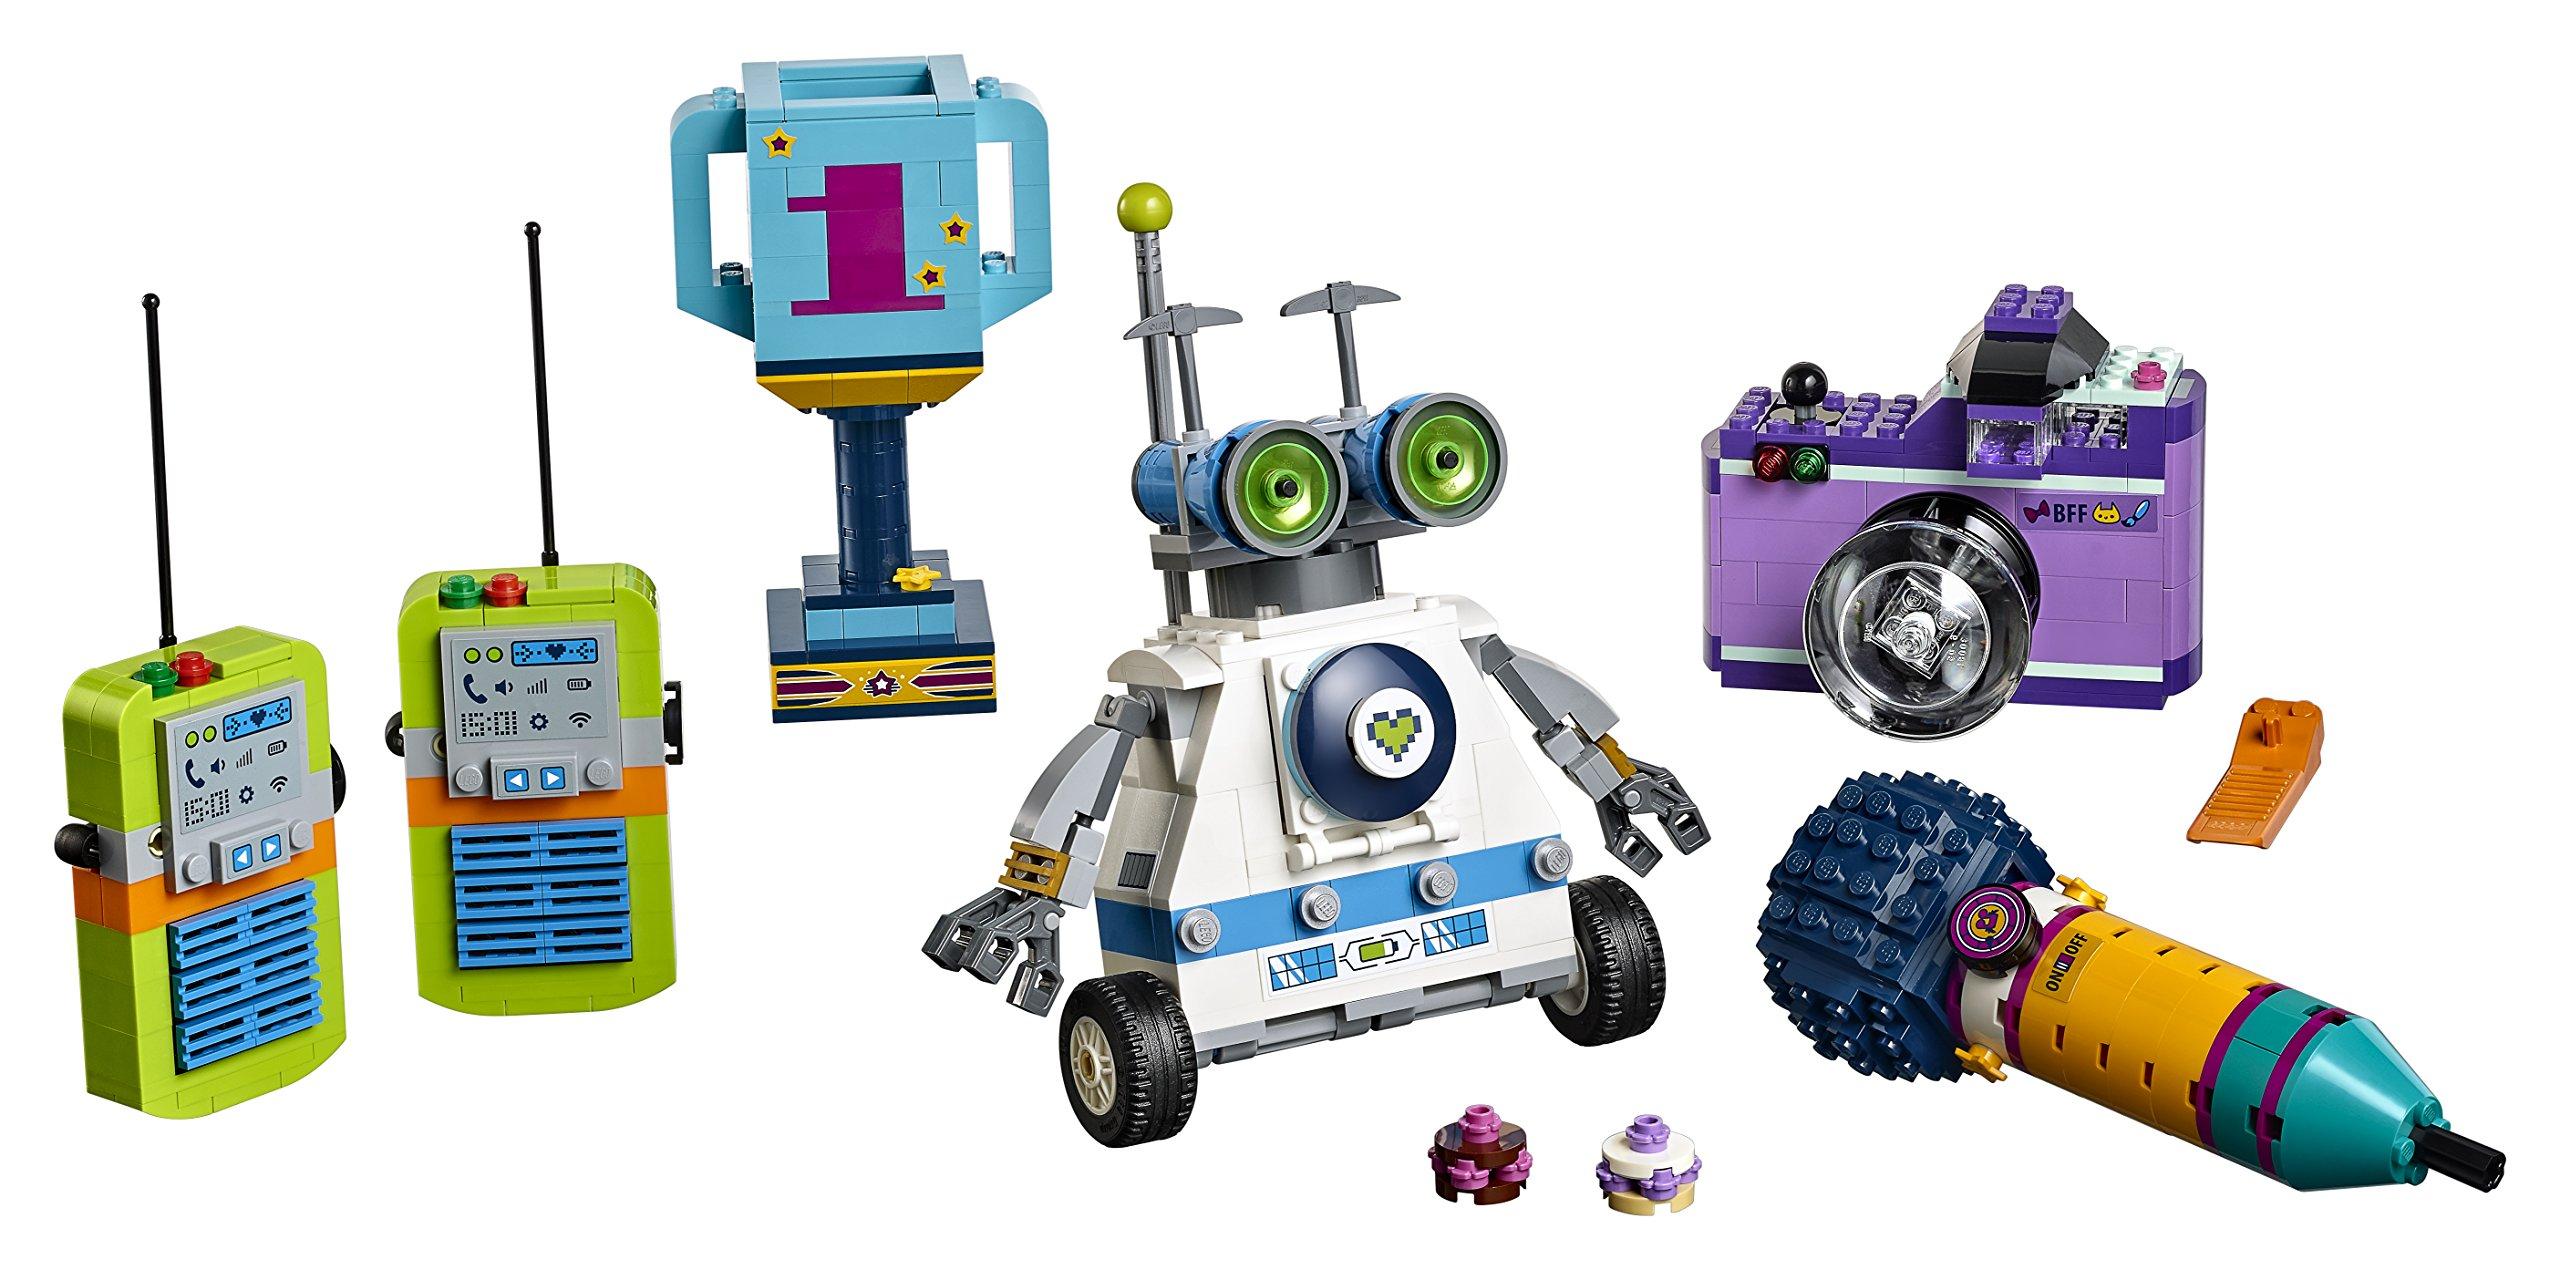 LEGO La Scatola Dell'Amicizia Costruzioni Piccole Gioco Bambino Bambina 252 2 spesavip